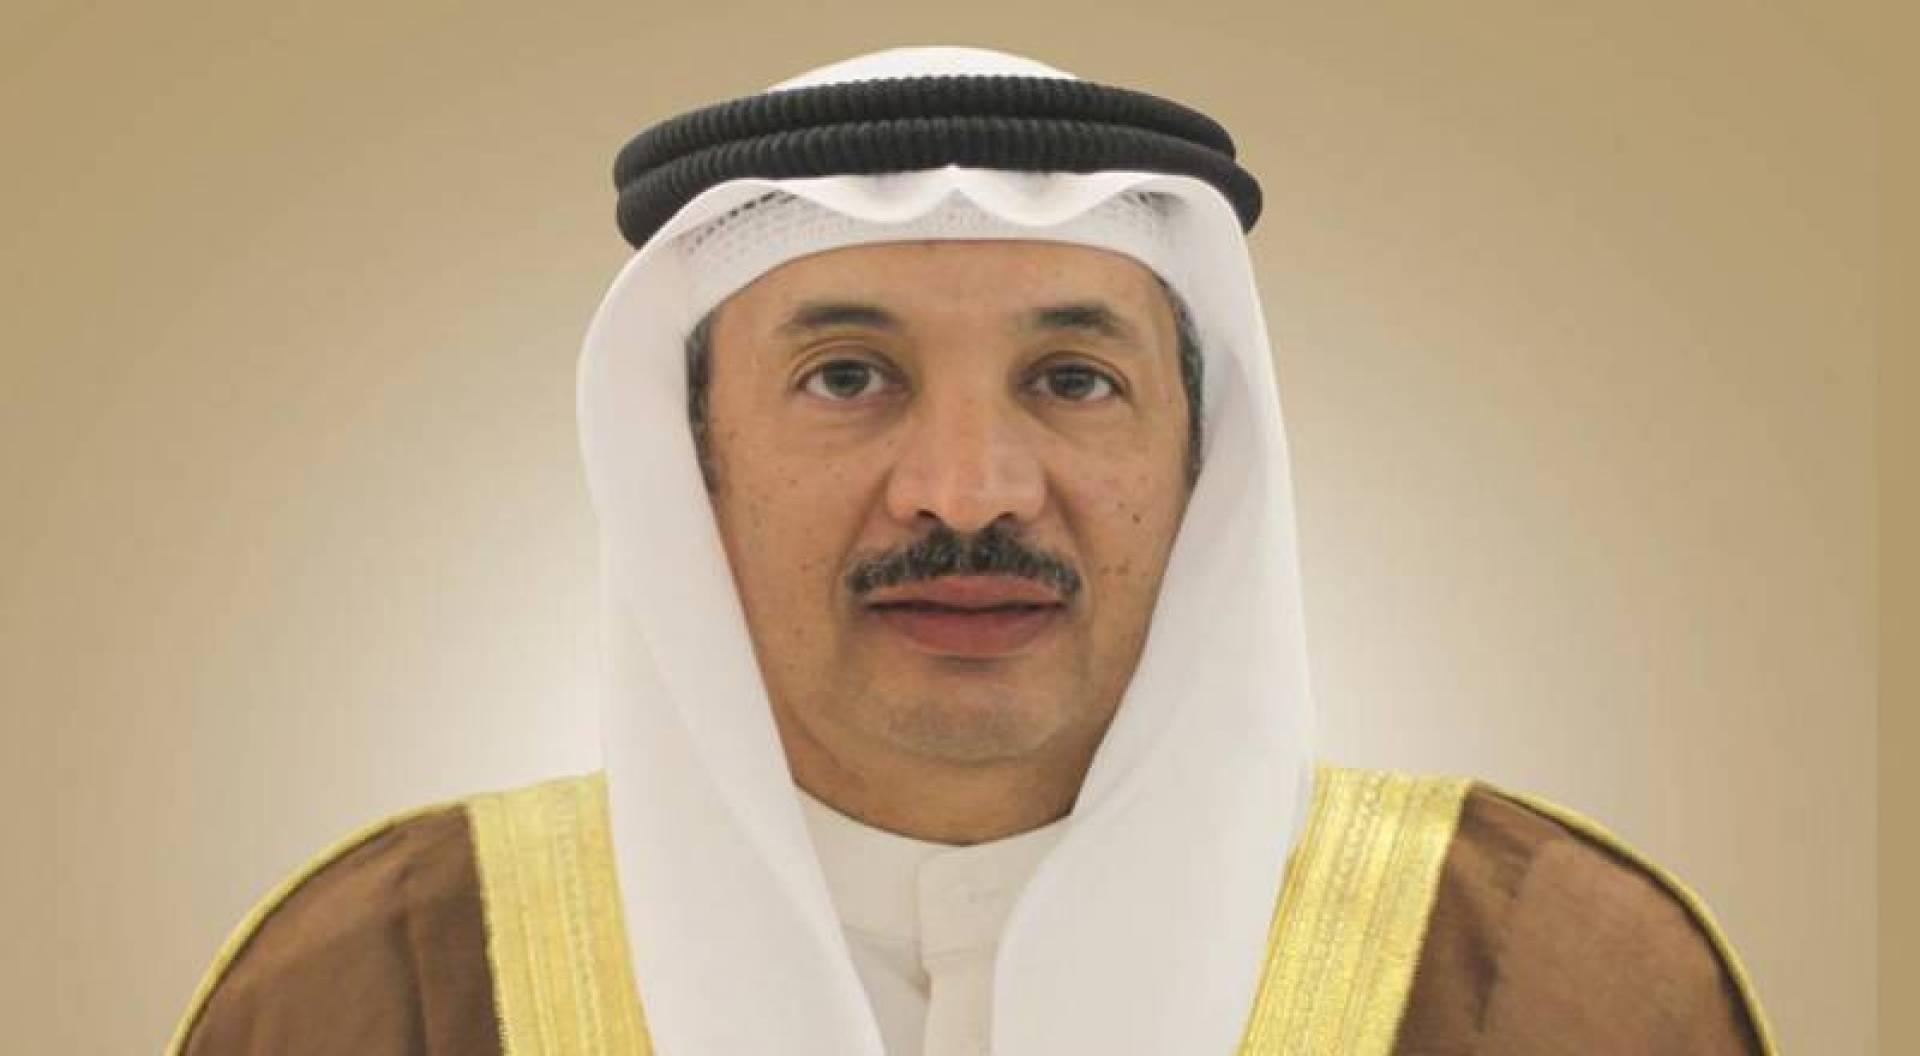 التحقيق مع موظفين في «مبارك الكبير والأحمدي» تقاعسوا عن واجباتهم